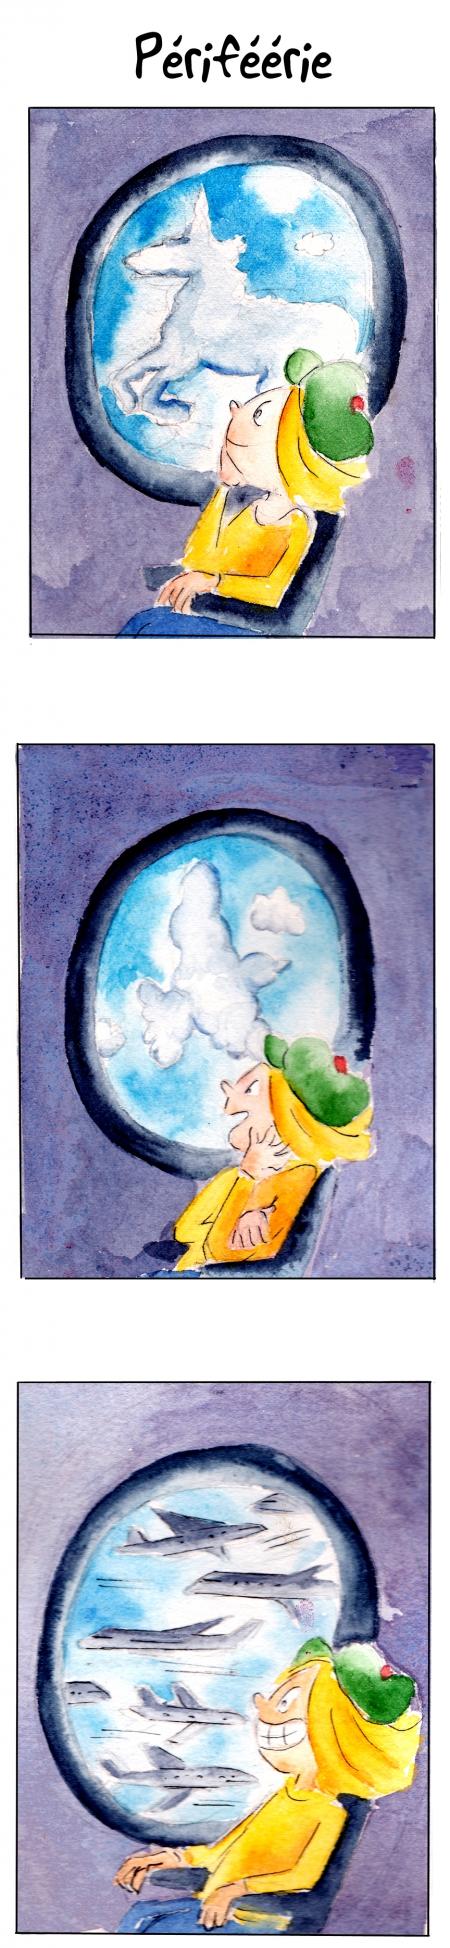 webzine,bd,gratuit,zébra,bande-dessinée,fanzine,strip,lola,aurélie dekeyser,voyage,avion,ciel,trafic aérien,nuages